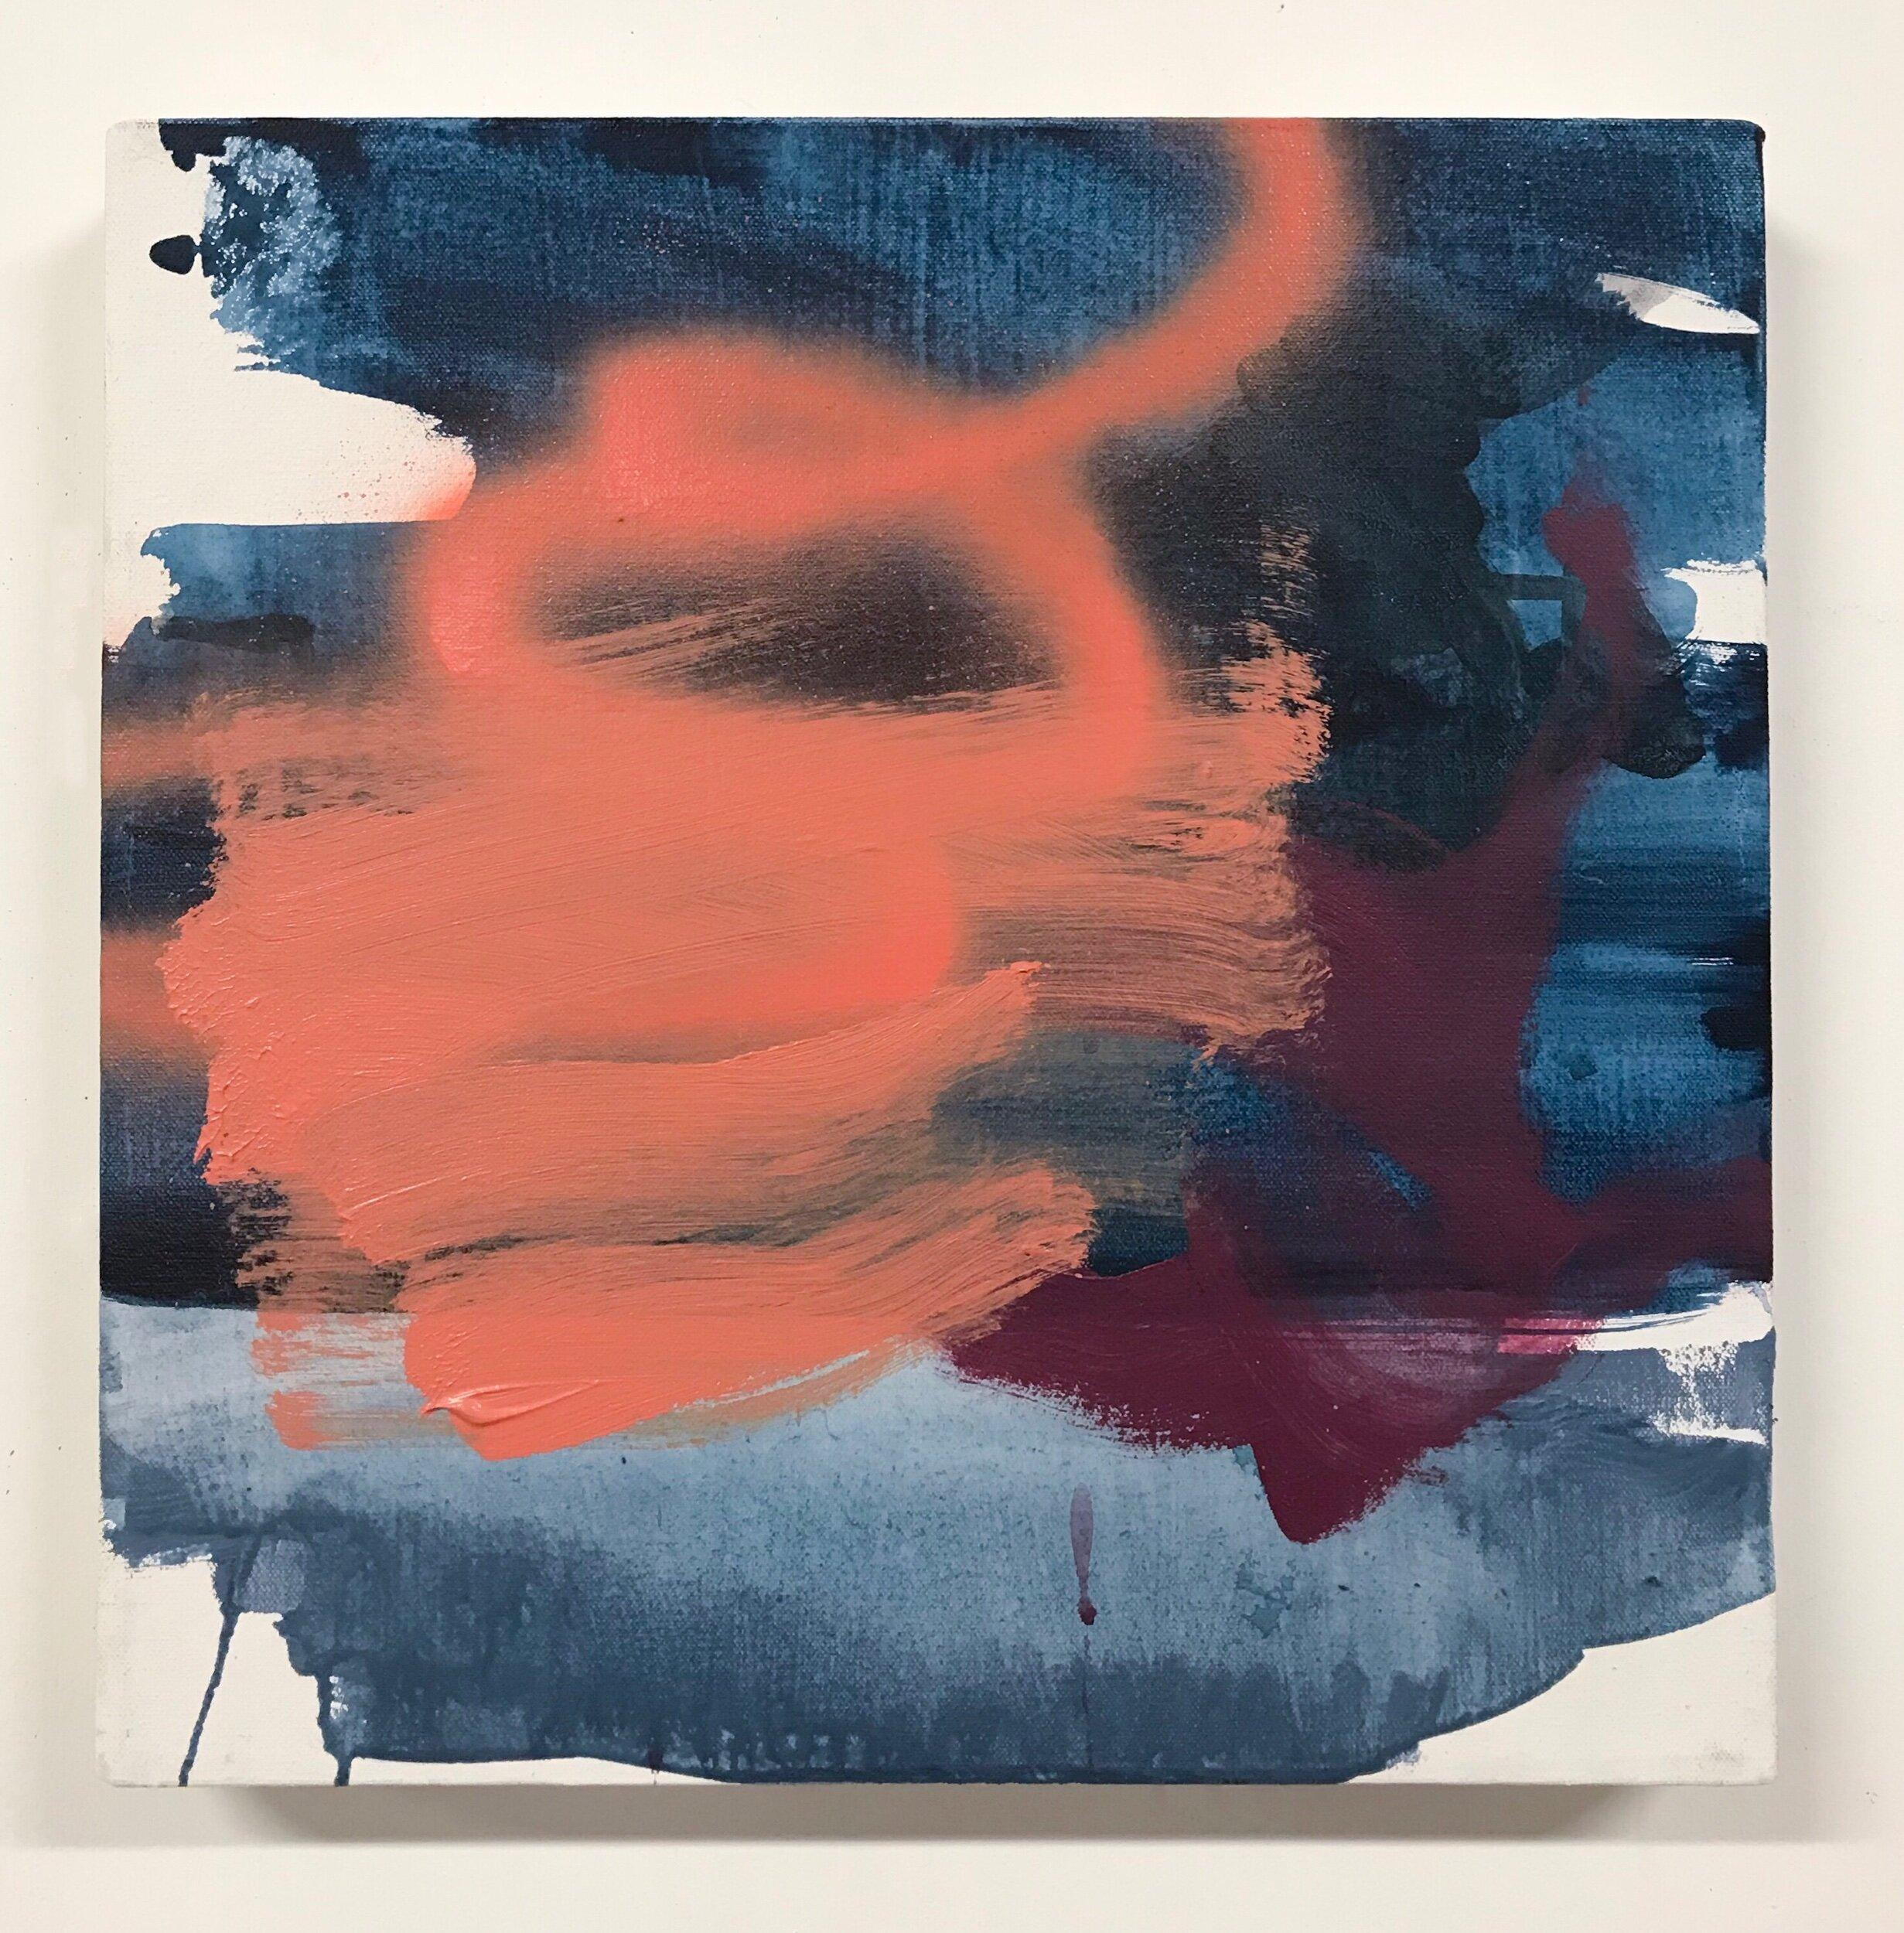 False Start   14x14in, acrylic & spray paint on canvas, 2019, available